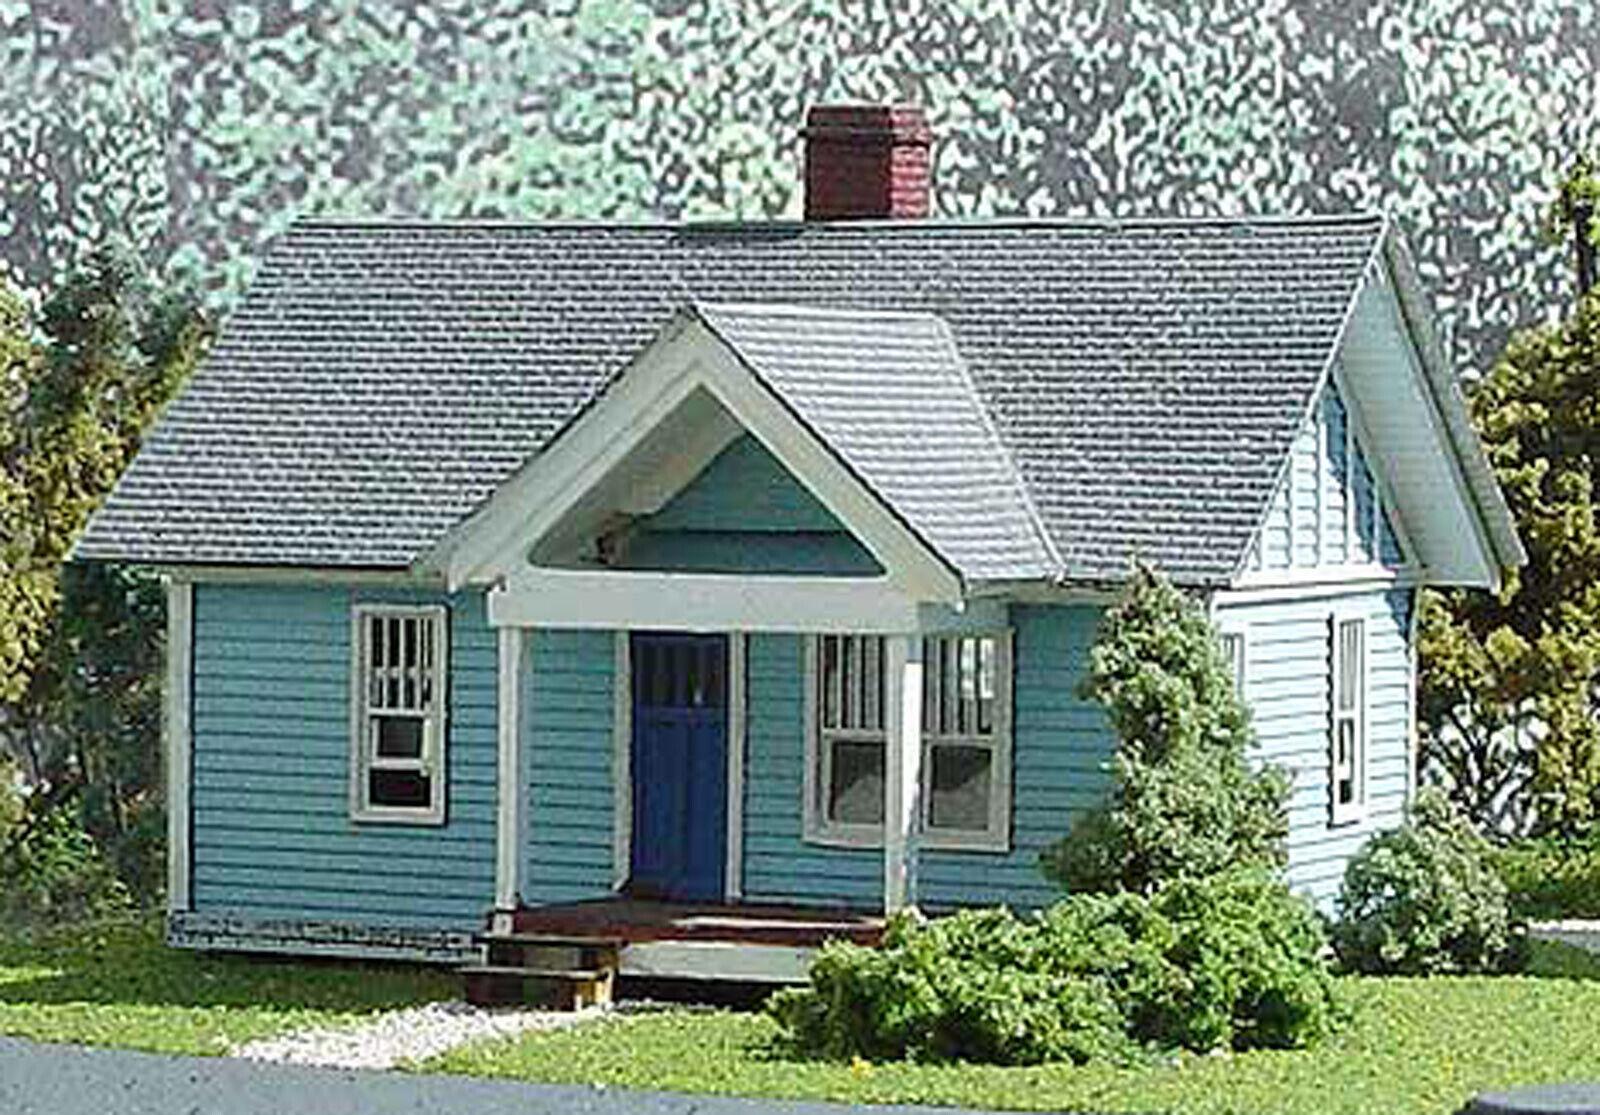 STANLEY HOUSE HO Model Railroad Structure Unpainted Laser-Cut Wood Kit LA628